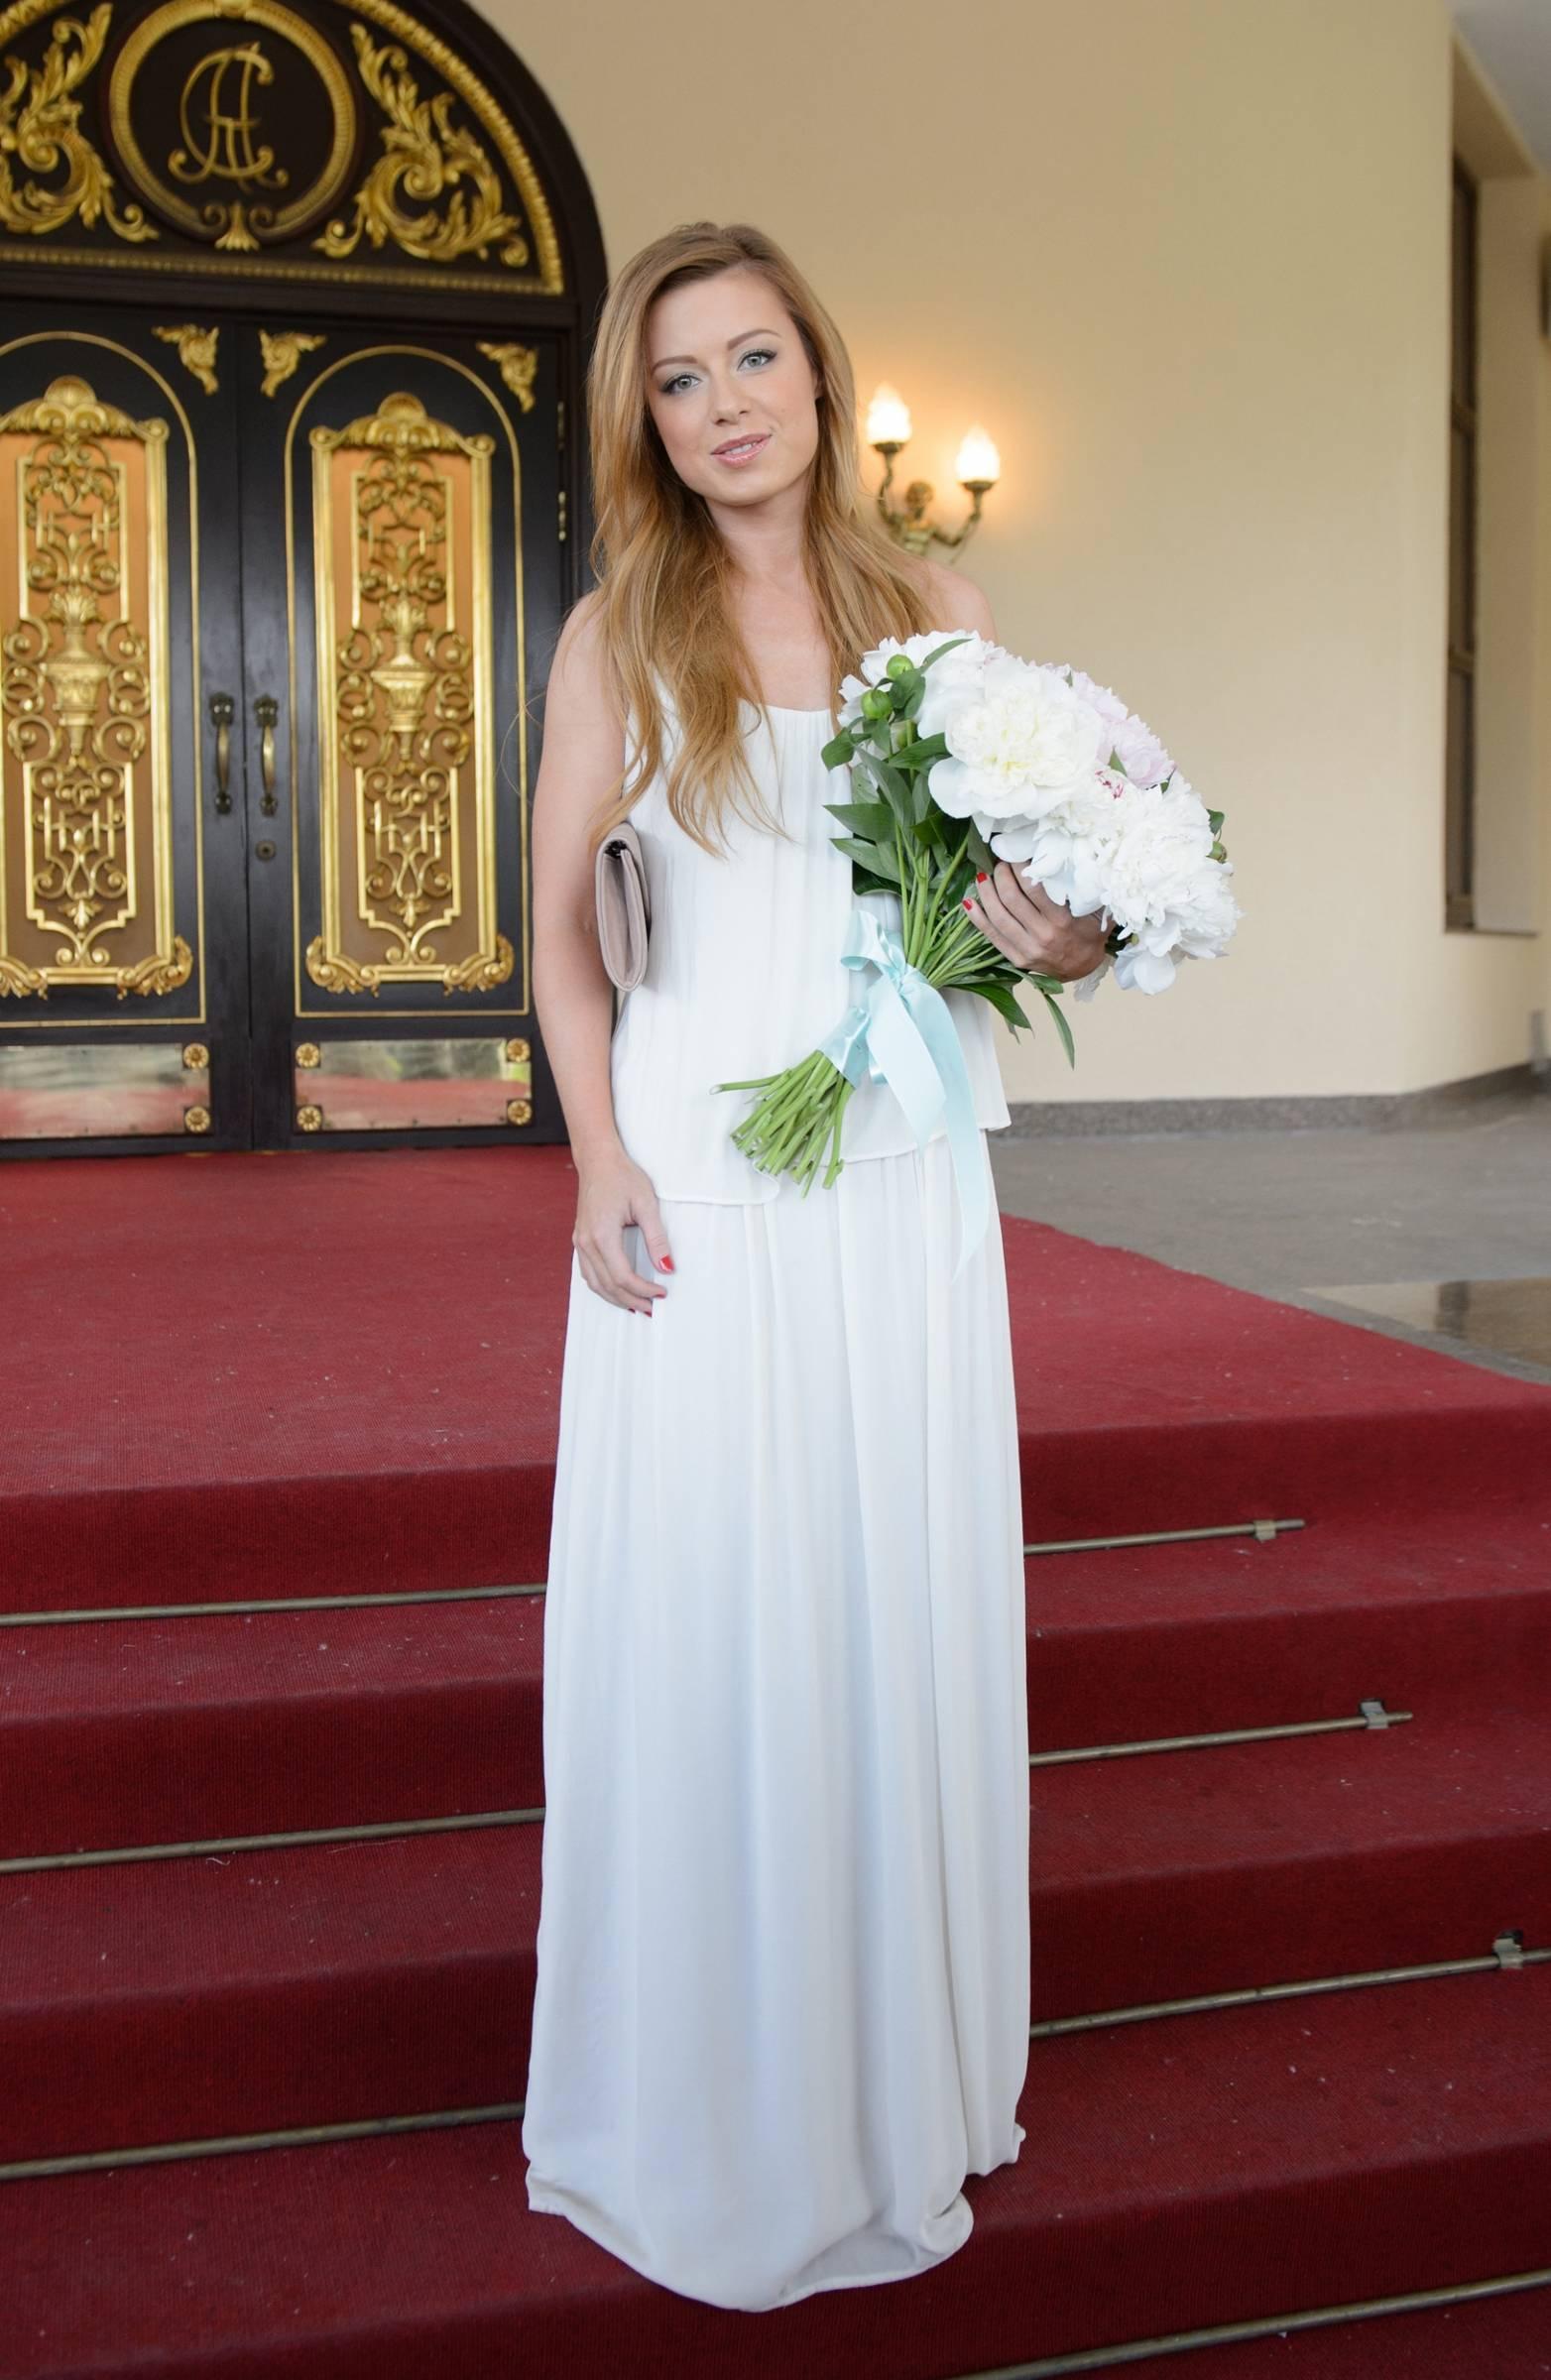 кто муж юлии савичевой фото со свадьбы